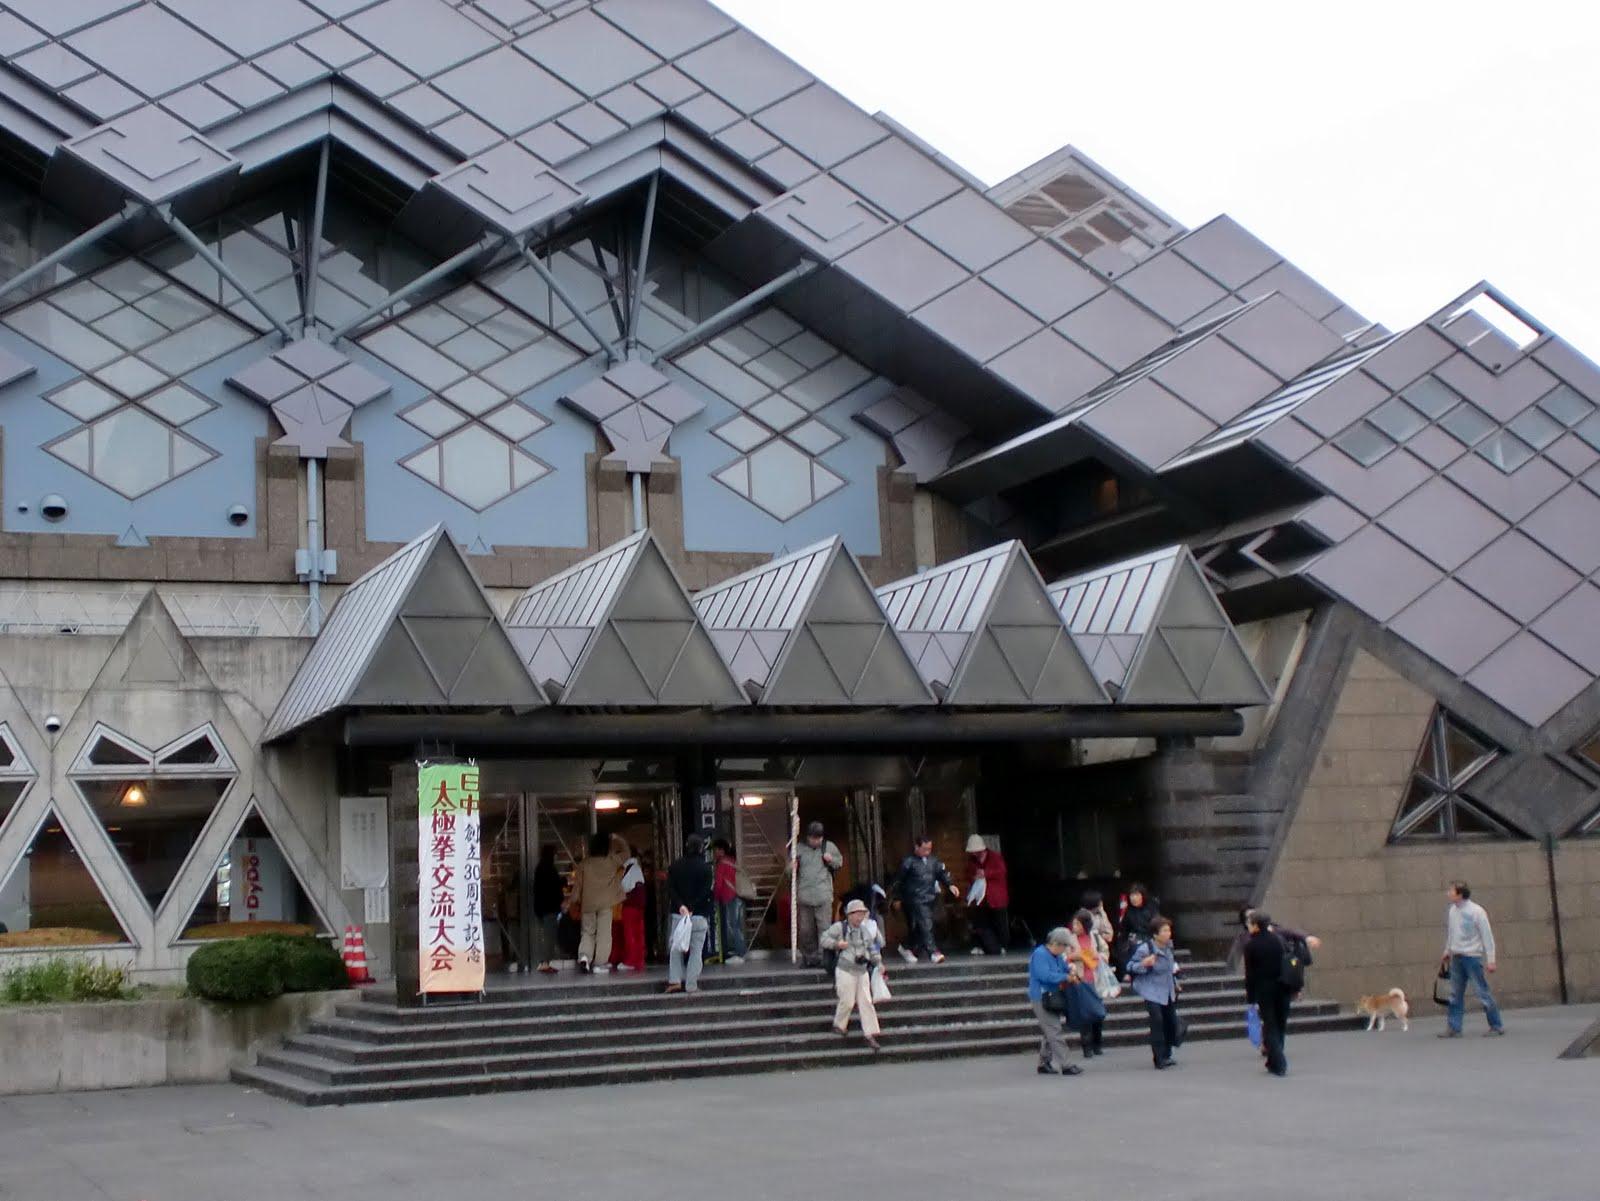 ひし形を積み重ねたメタリックな屈強な建物です。